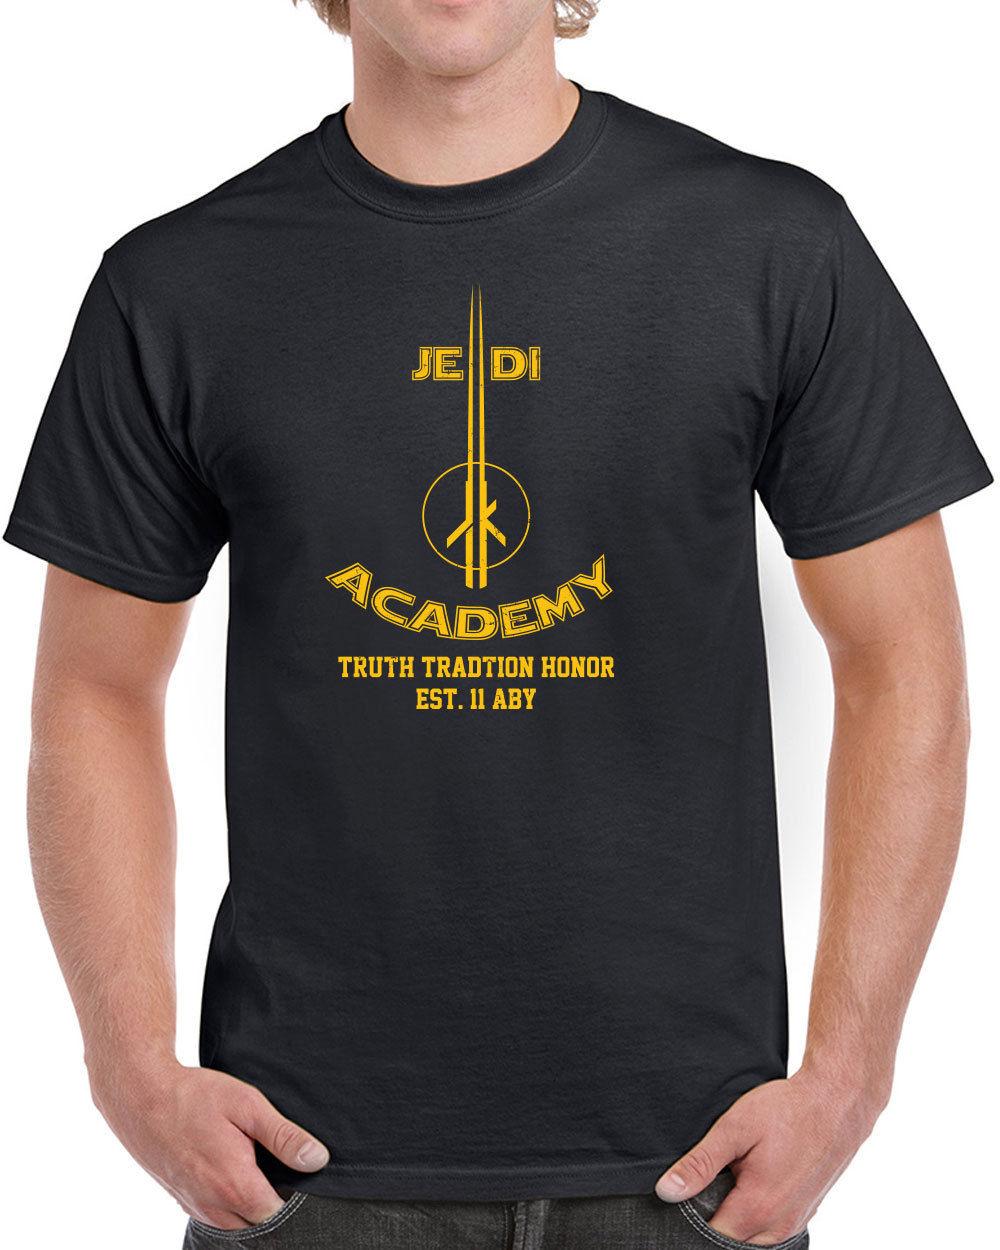 055 Jedi Academy mens t-shirt funny geek star lightsaber wars nerdy costume Tops Men T Shirt